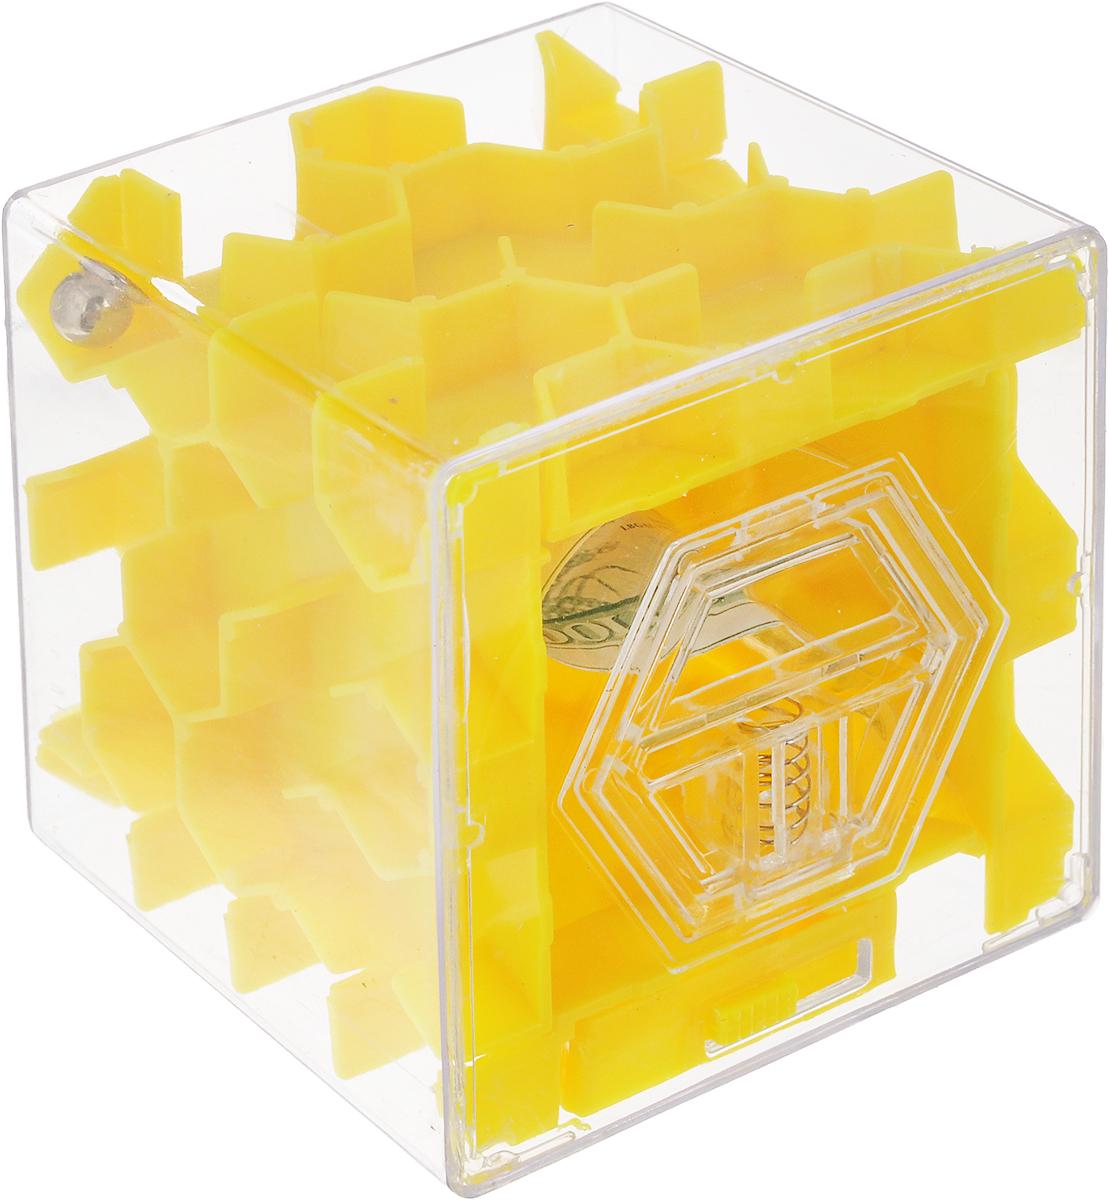 Копилка-головоломка Эврика Лабиринт, цвет: желтый головоломка эврика лабиринт сфера red 98723